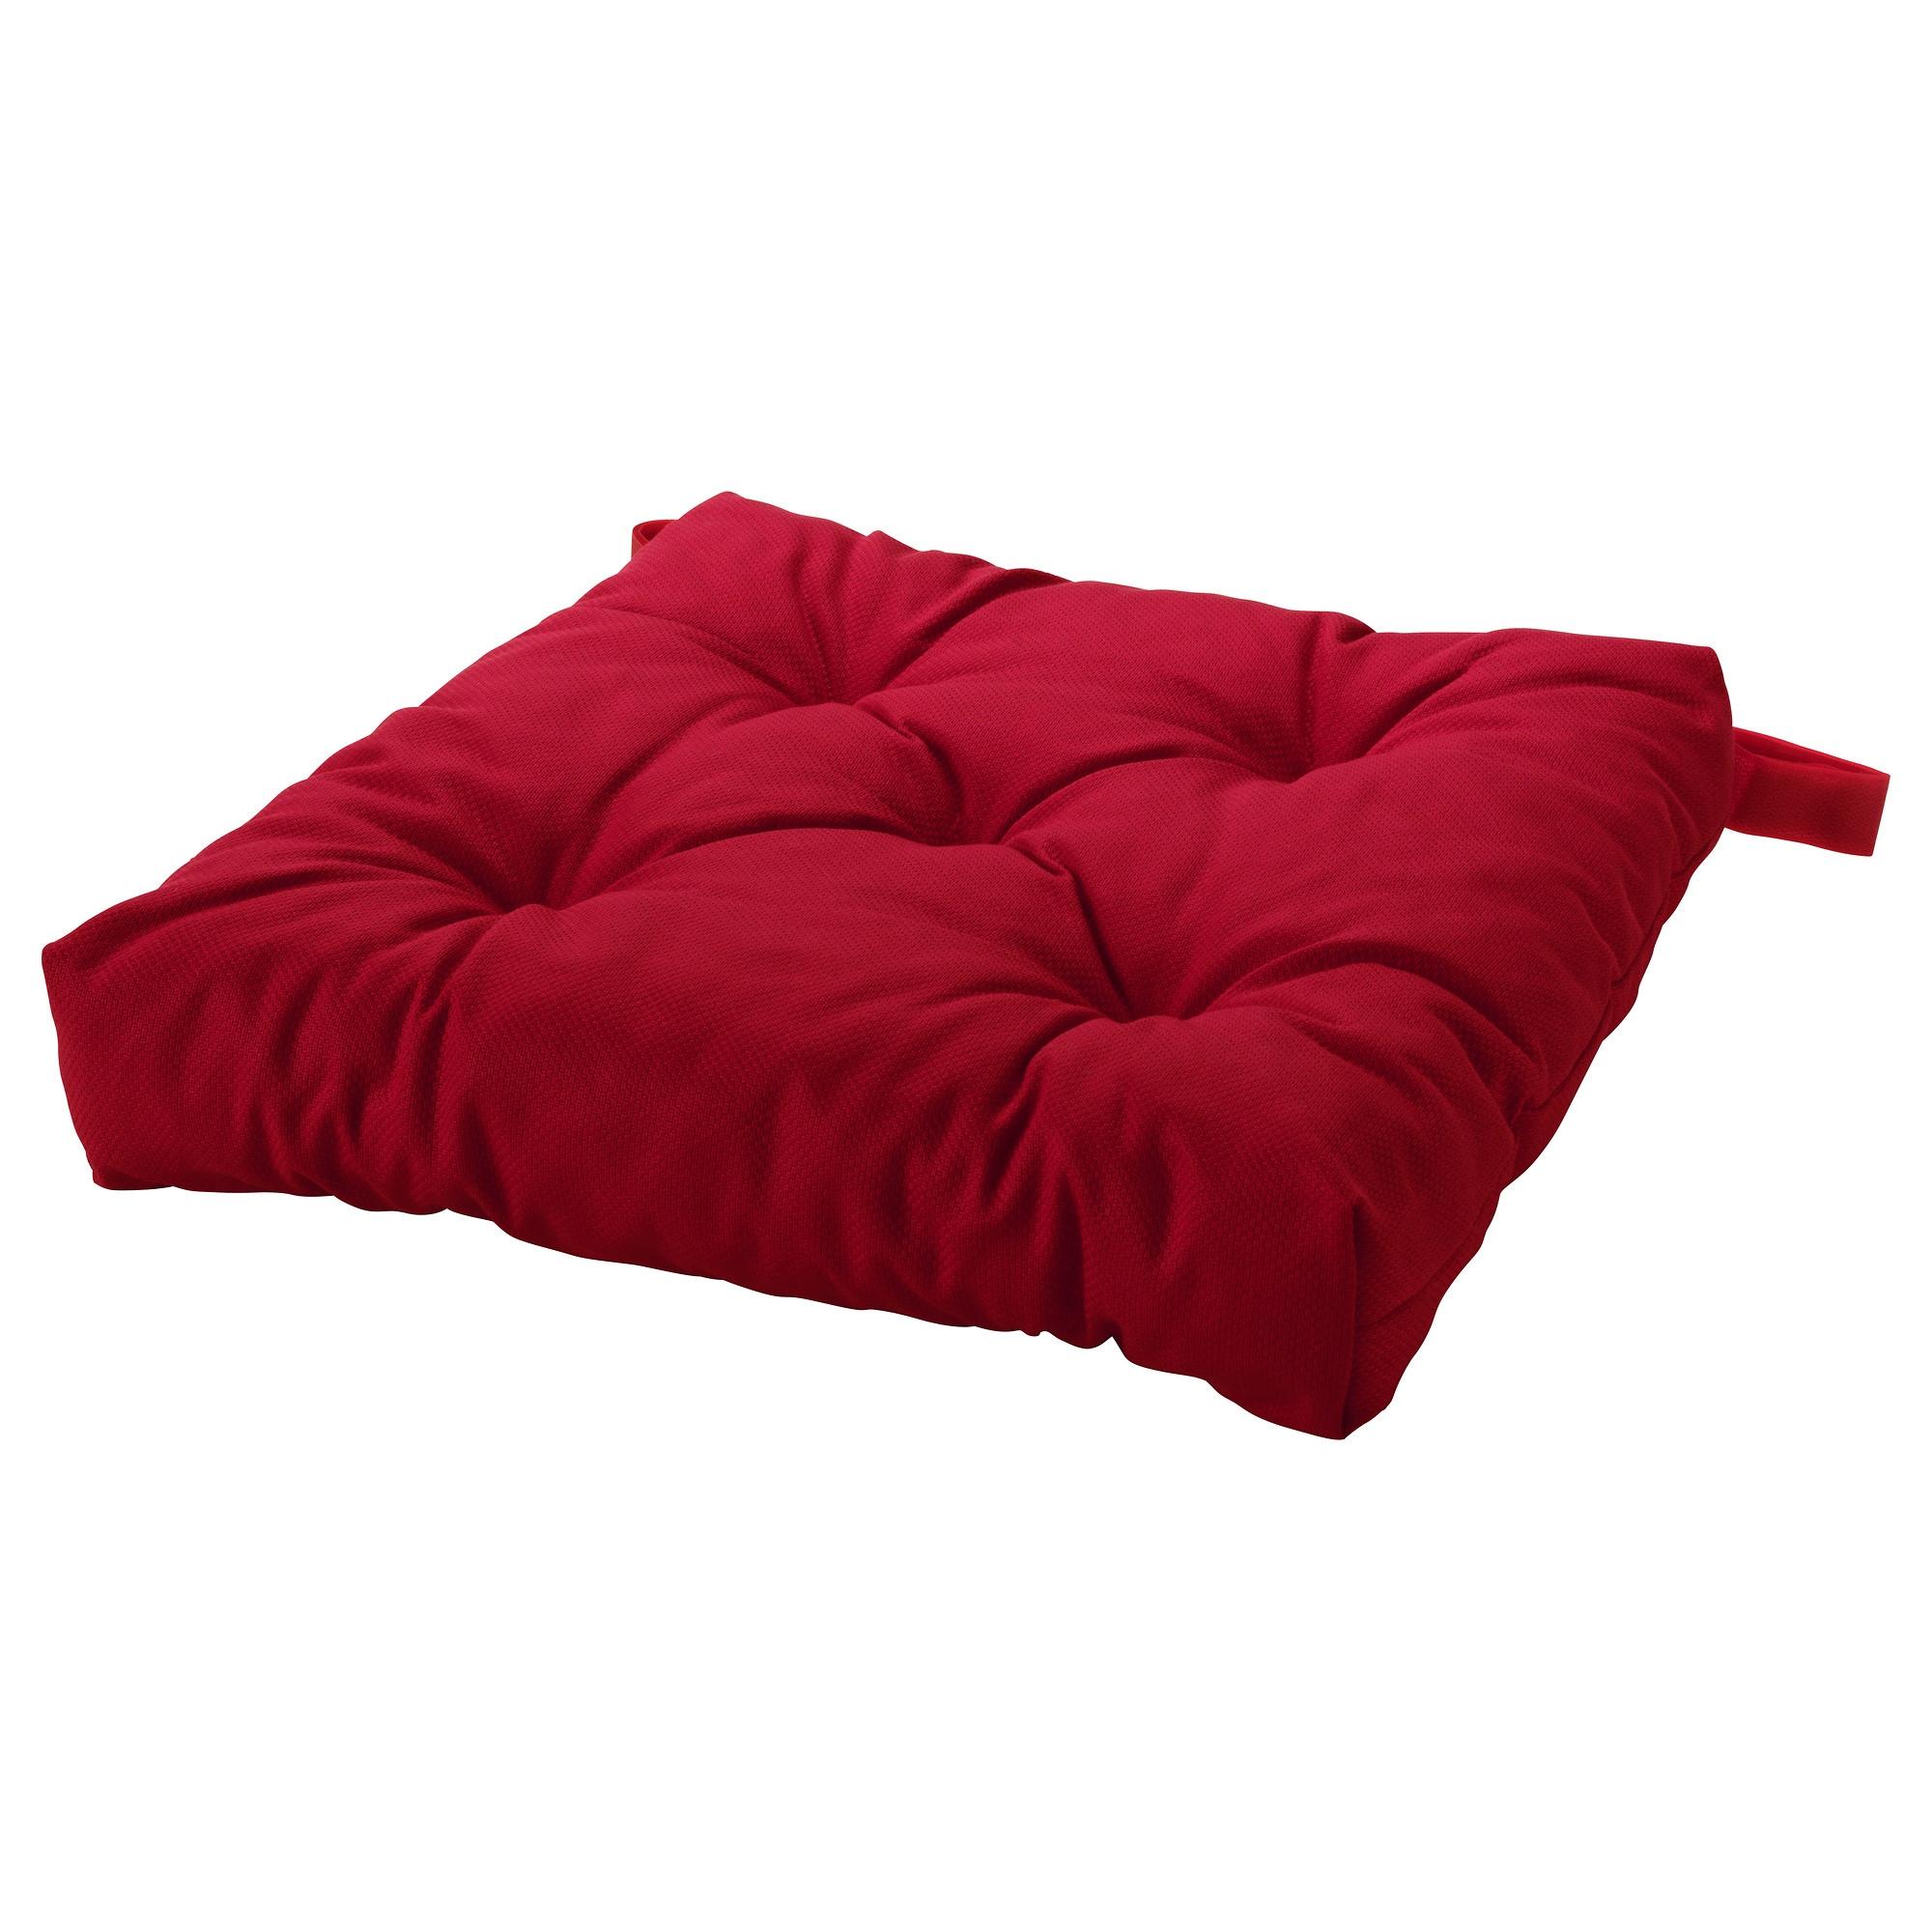 MALINDA cojn para silla rojo